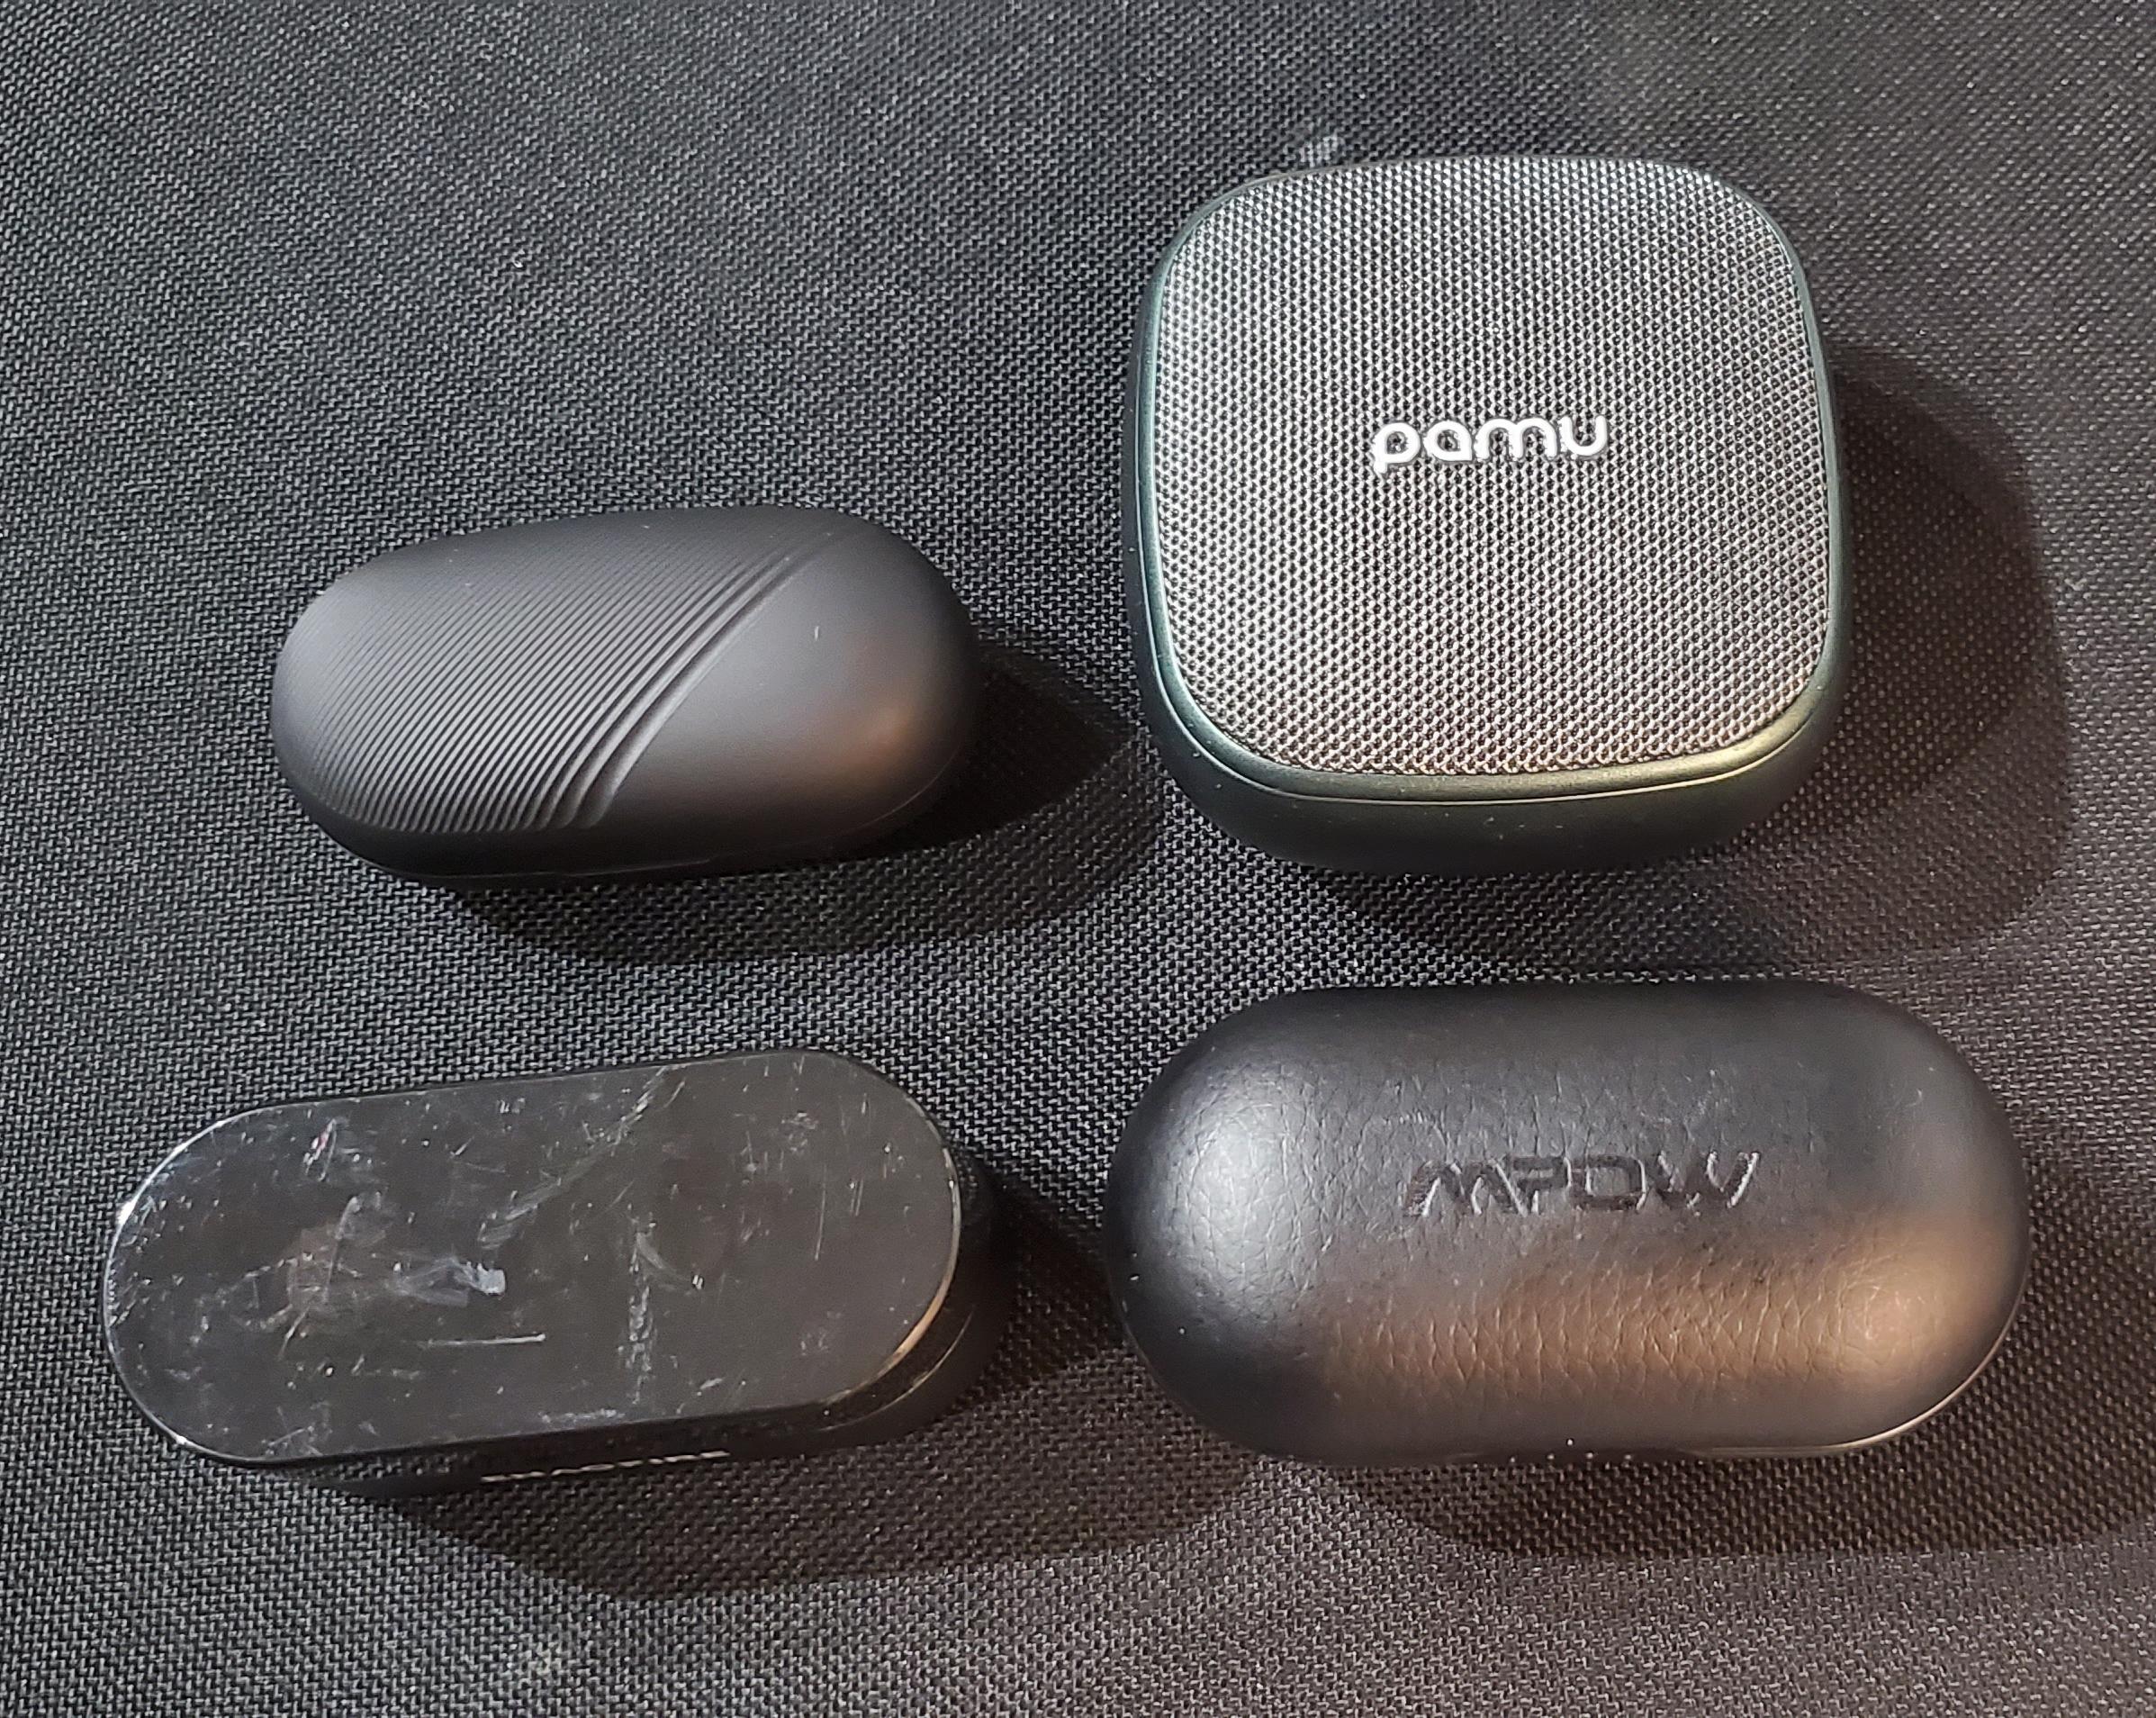 Bomaker True Wireless Earbuds w/Qualcomm AptX, Graphene Drivers, Ipx7 $32. 48AC